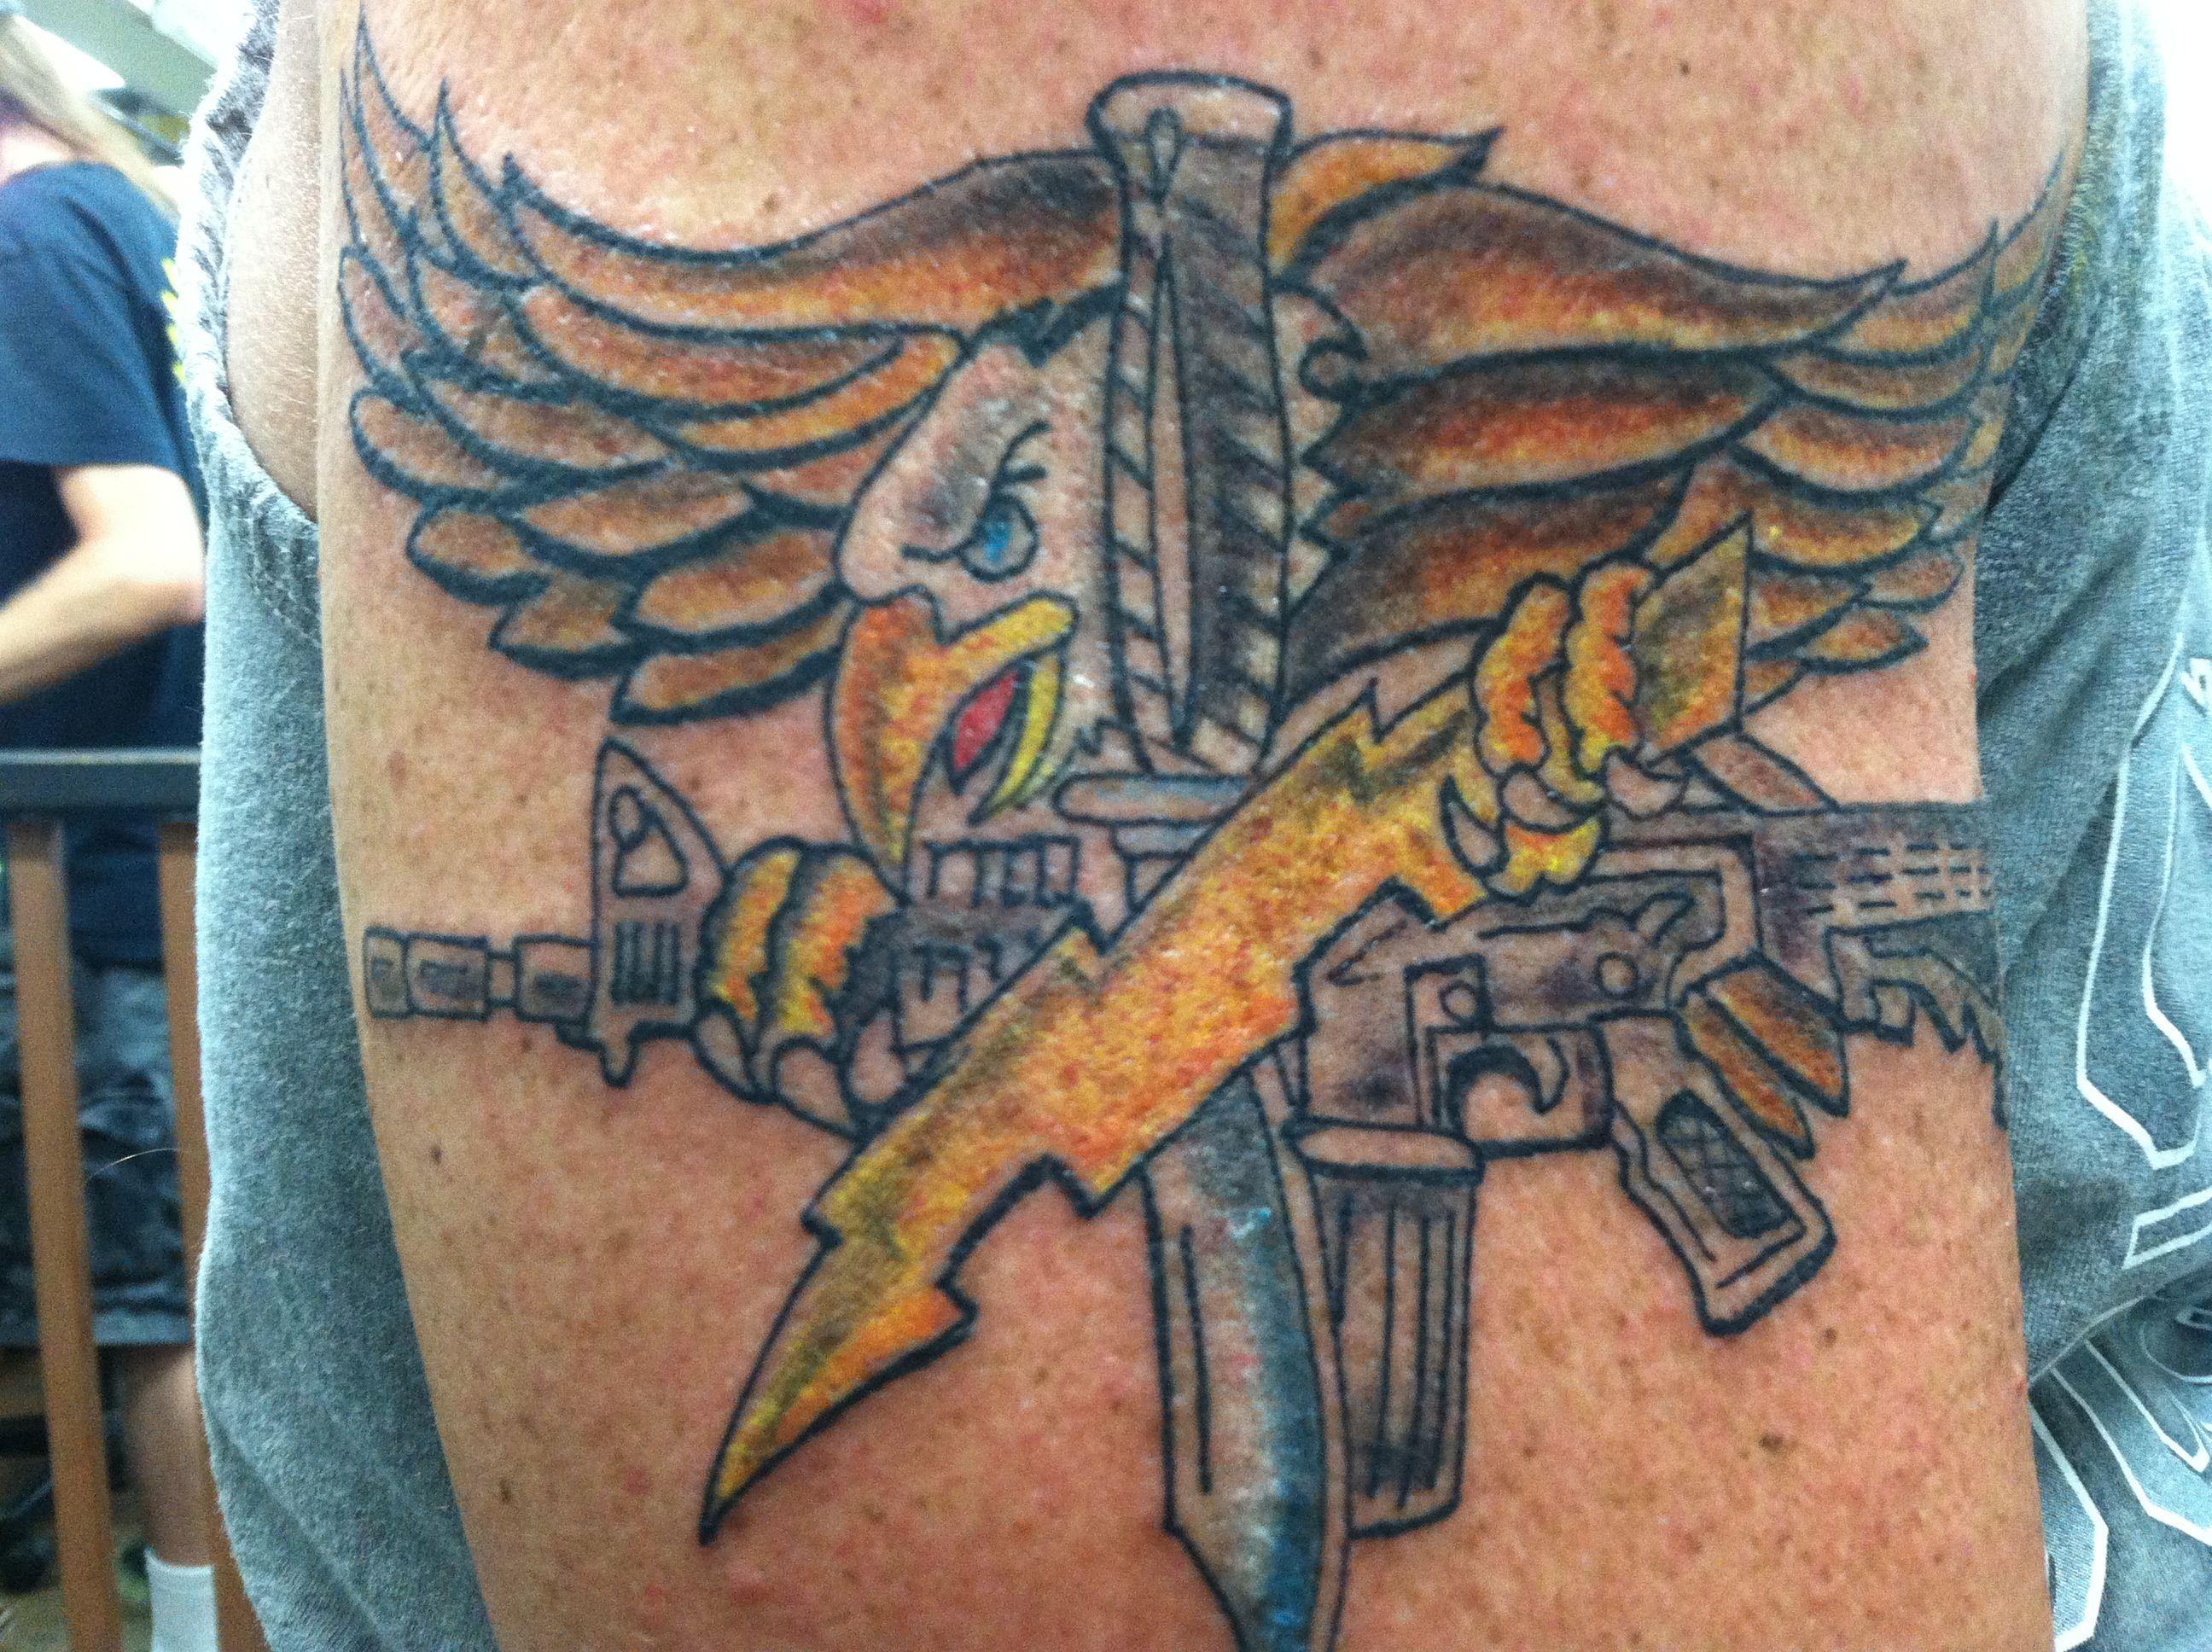 Fi fireman tattoo designs - Swat Eagle